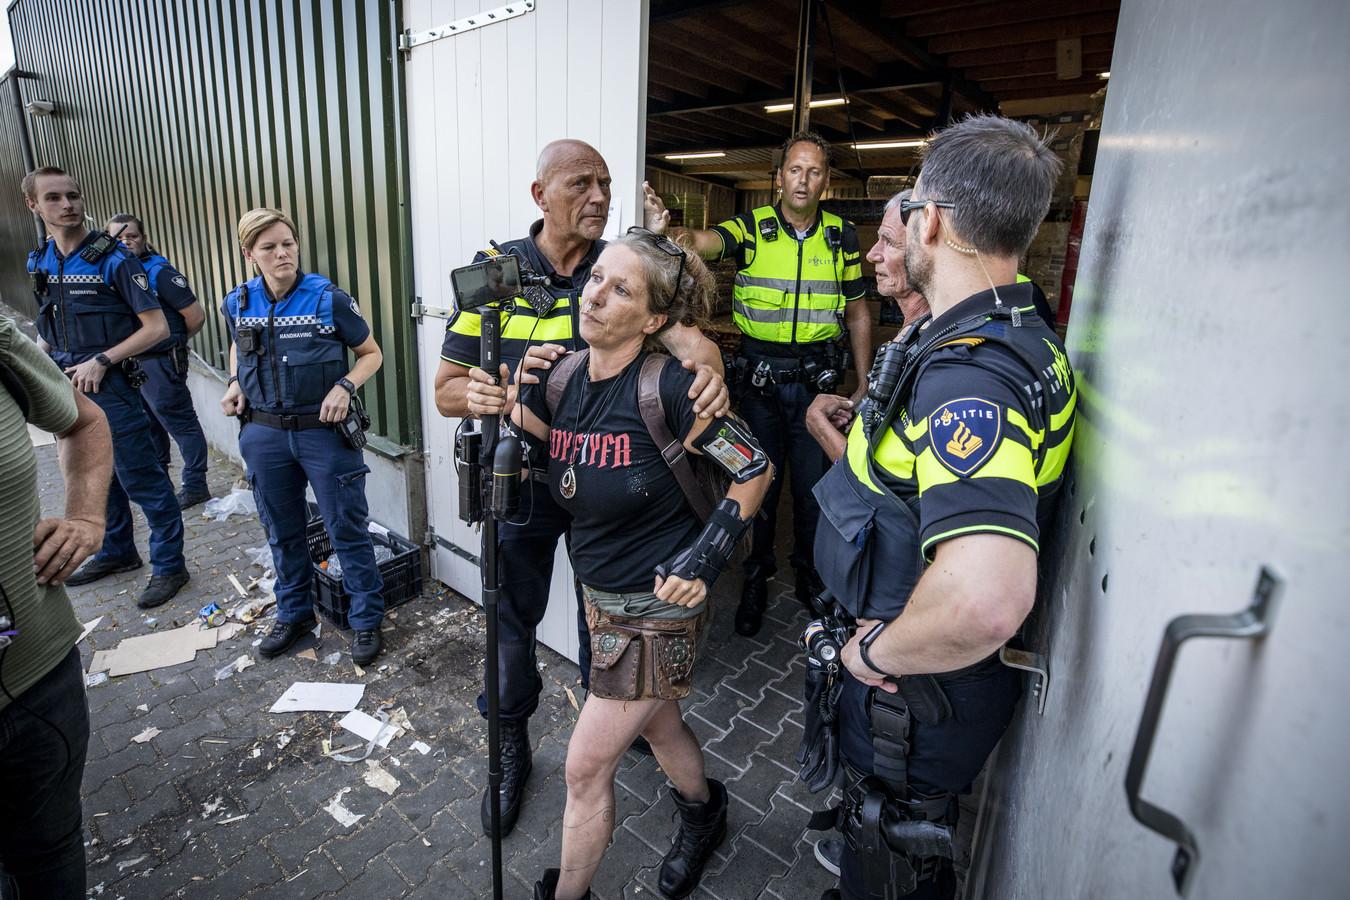 Steunbetuigers worden via de achteringang uit de supermarkt gehaald door de politie.